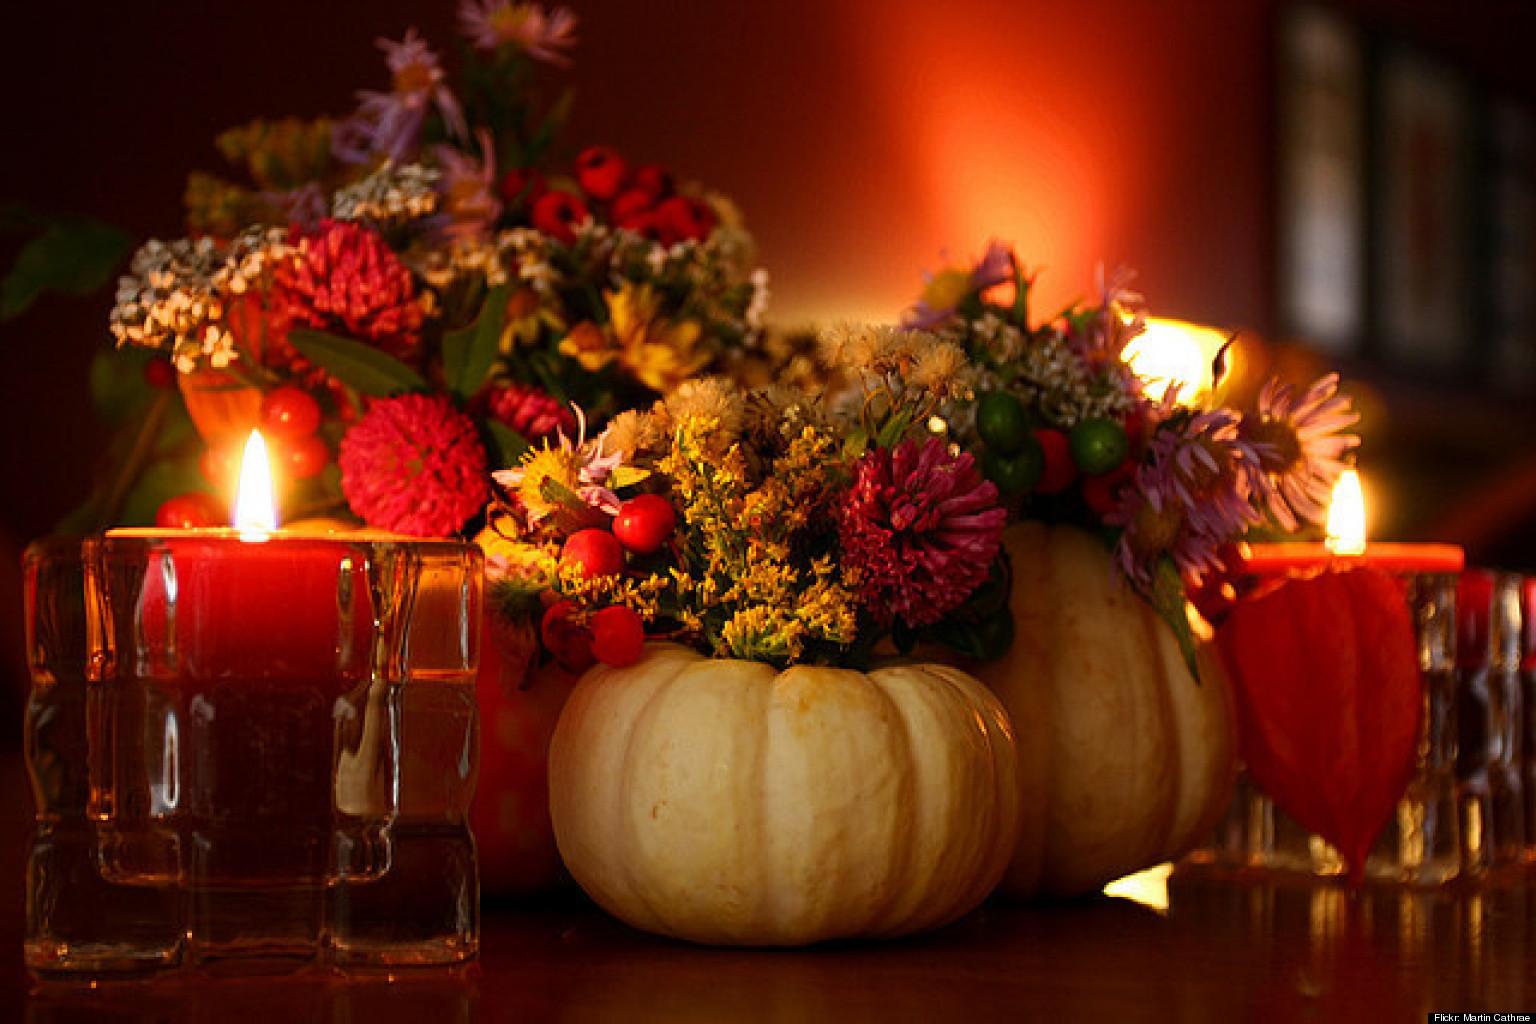 A Forgotten Thanksgiving Custom: Masks, Mischief and Cross